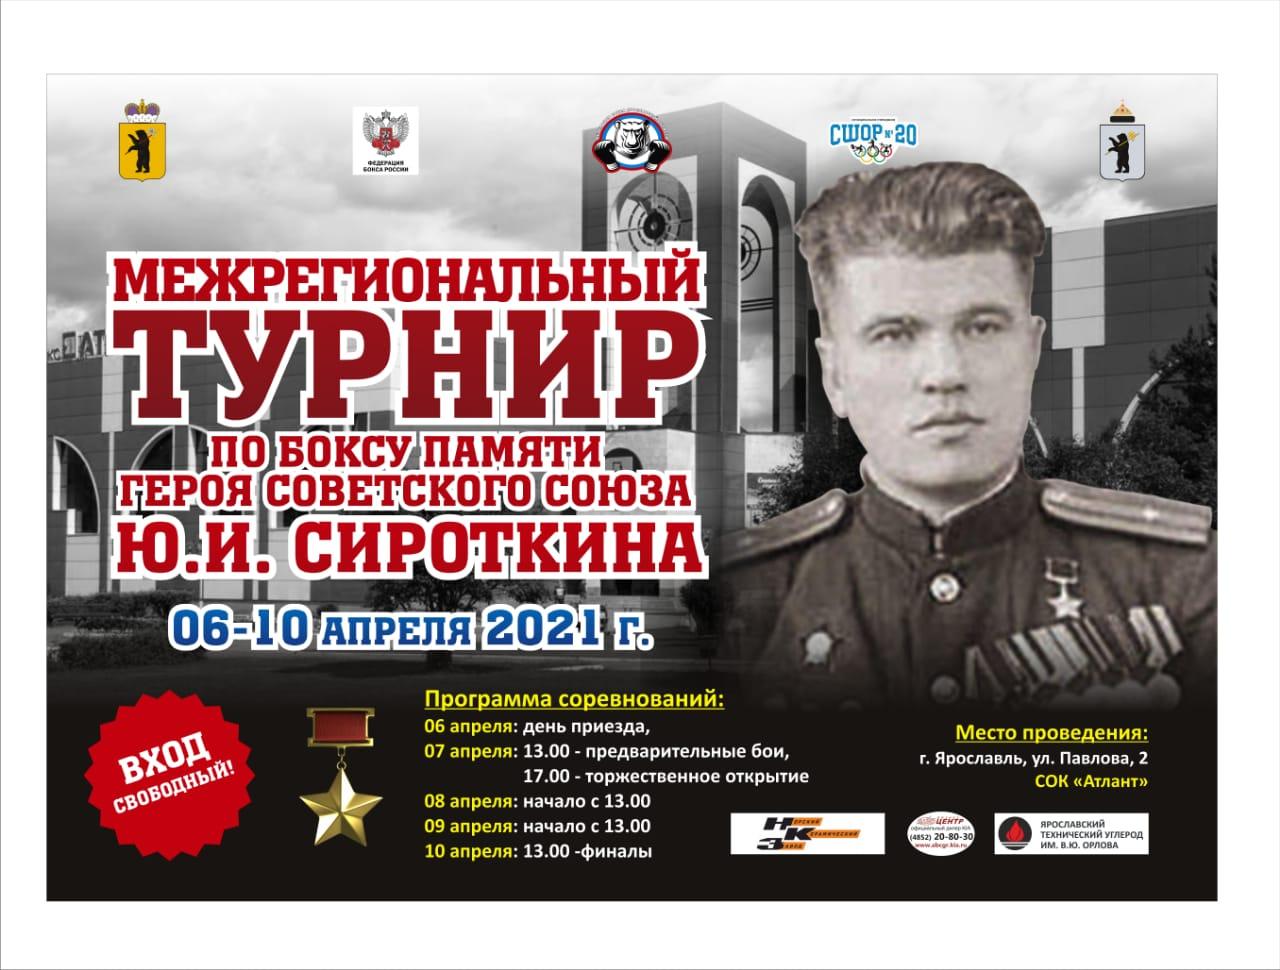 Более 150 спортсменов примут участие в межрегиональном турнире по боксу в Ярославле